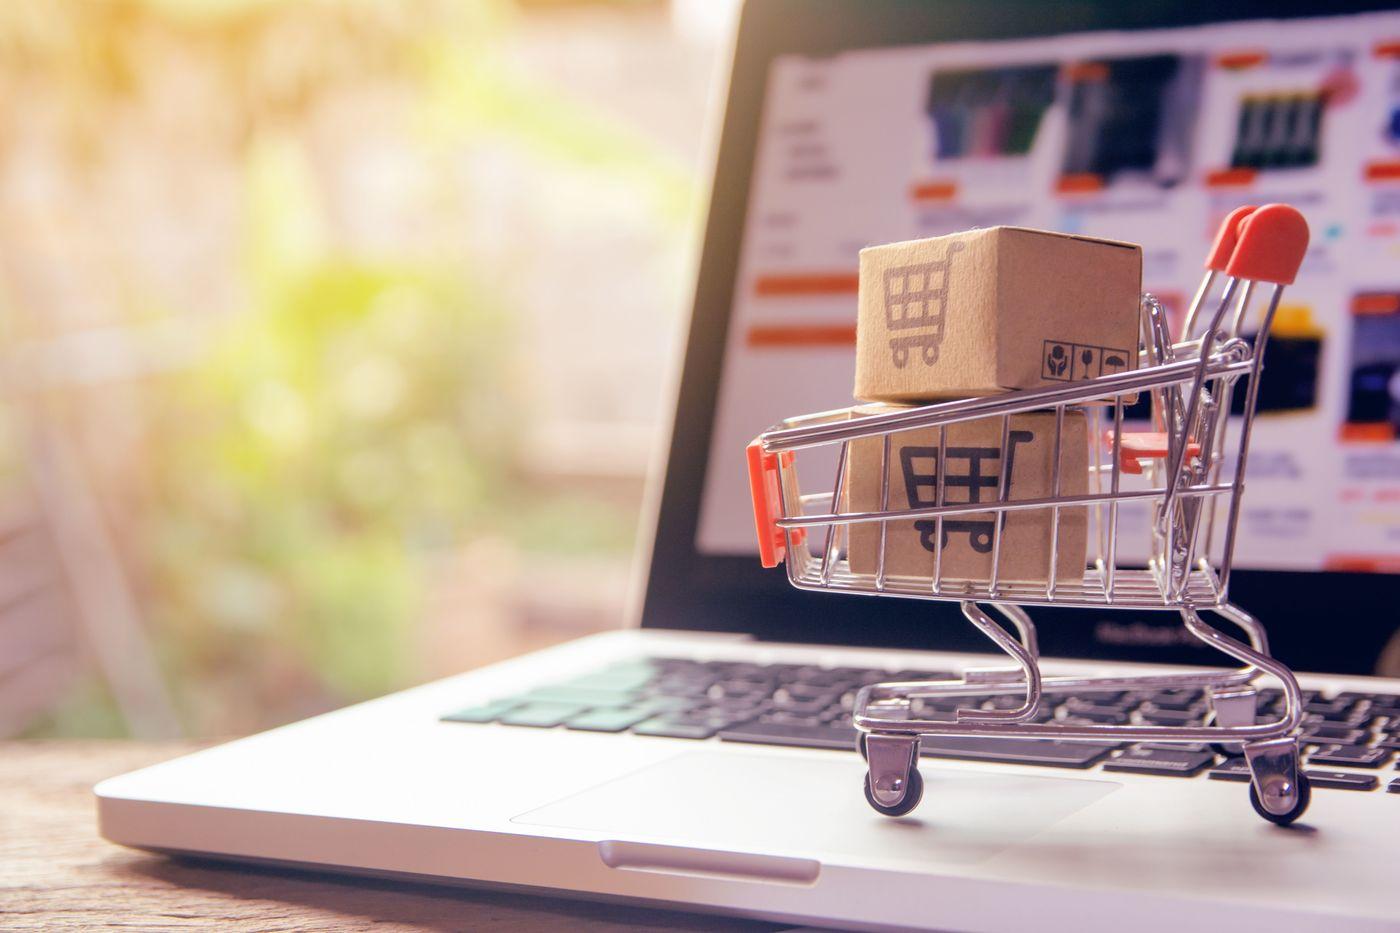 Amazonブラックフライデー!2021年は11/26から?目玉商品と攻略方法の14枚目の画像